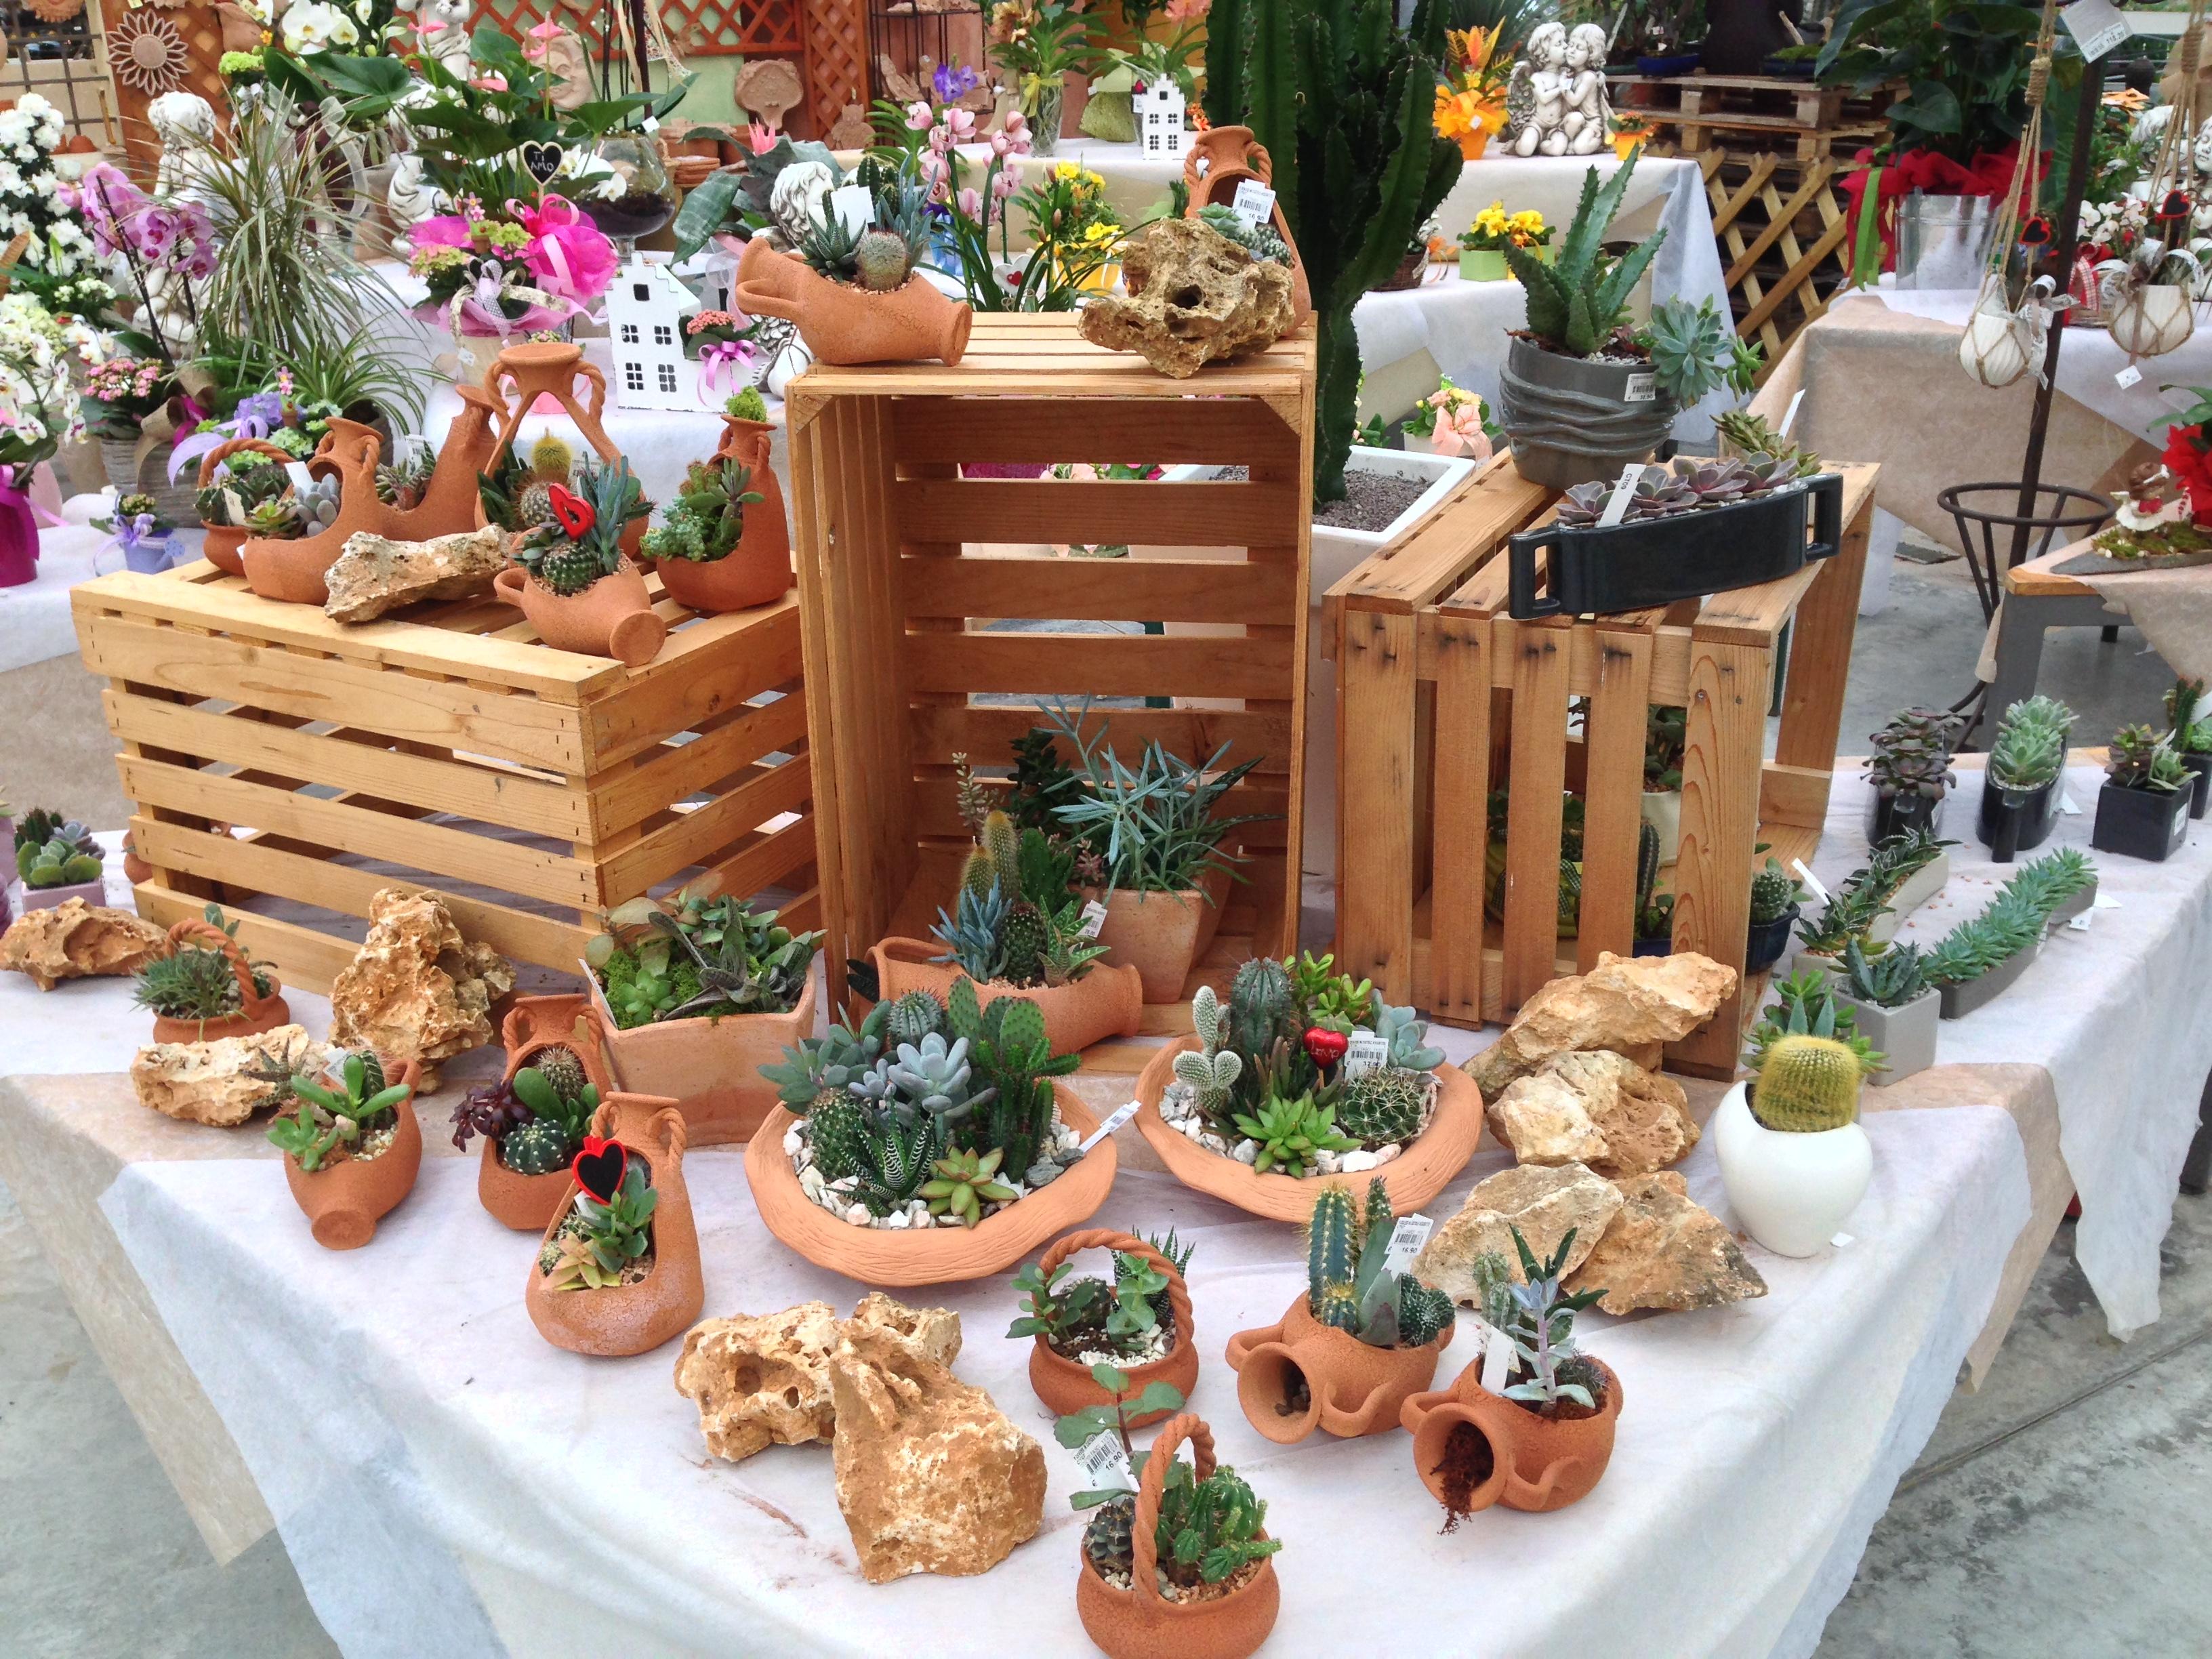 I nostri interni galleria fotografica di garden anna - Composizione piante grasse da interno ...